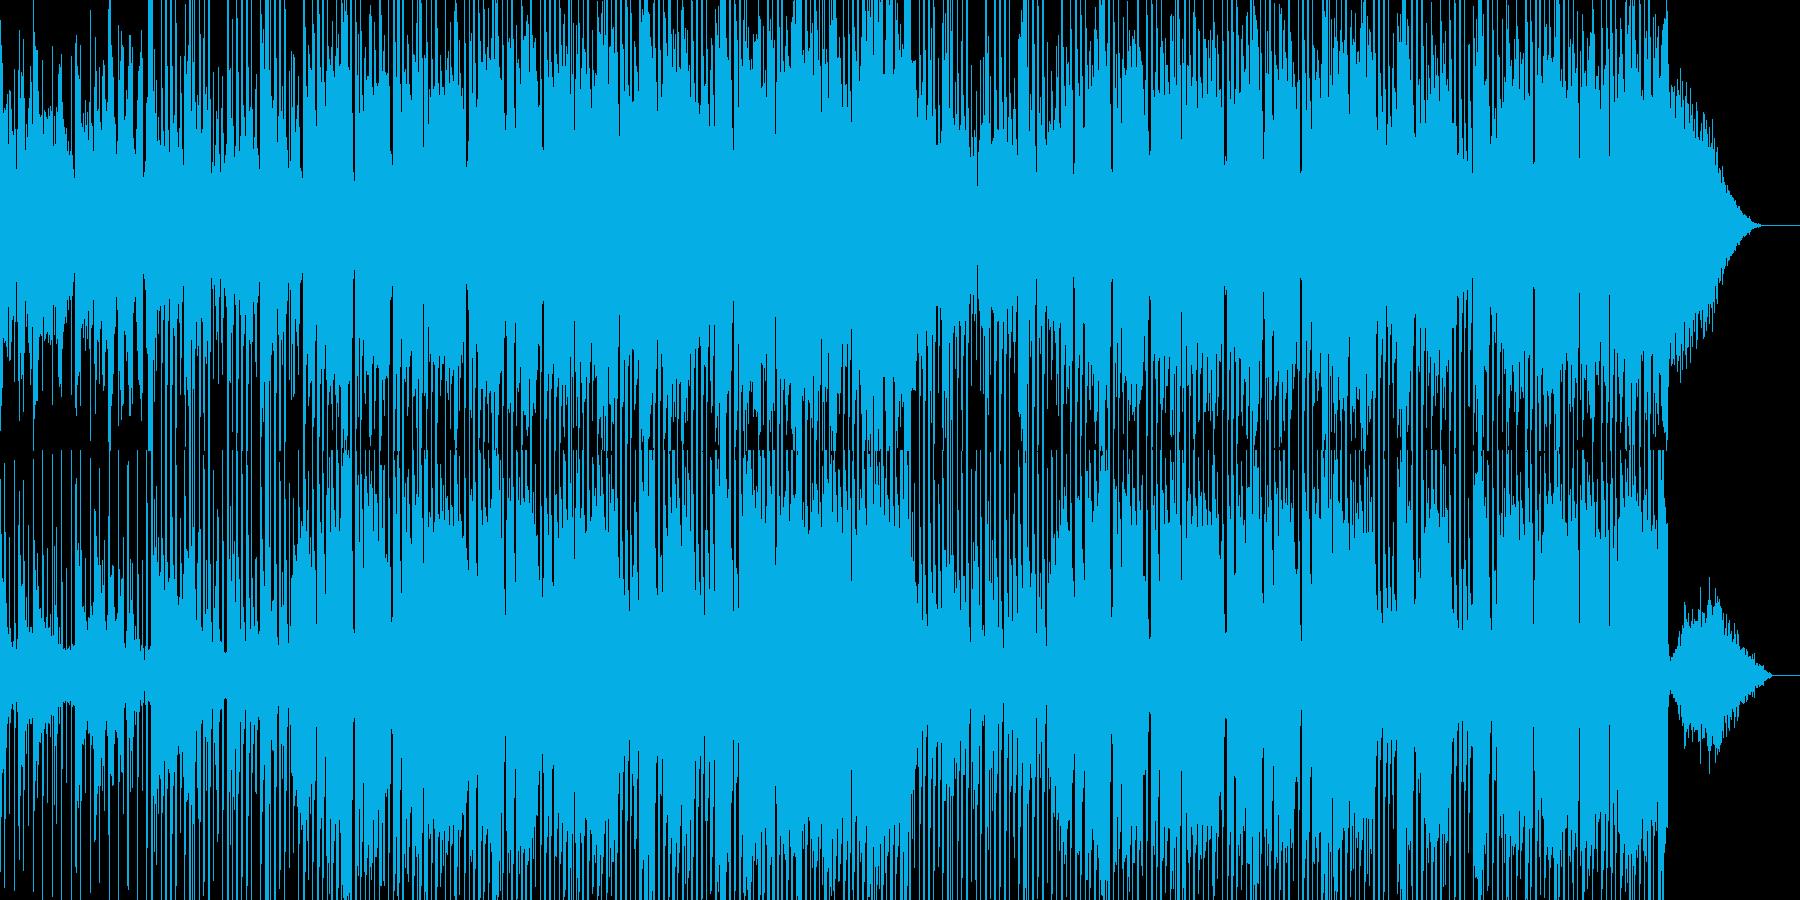 怪しく緊迫した雰囲気のBGMの再生済みの波形